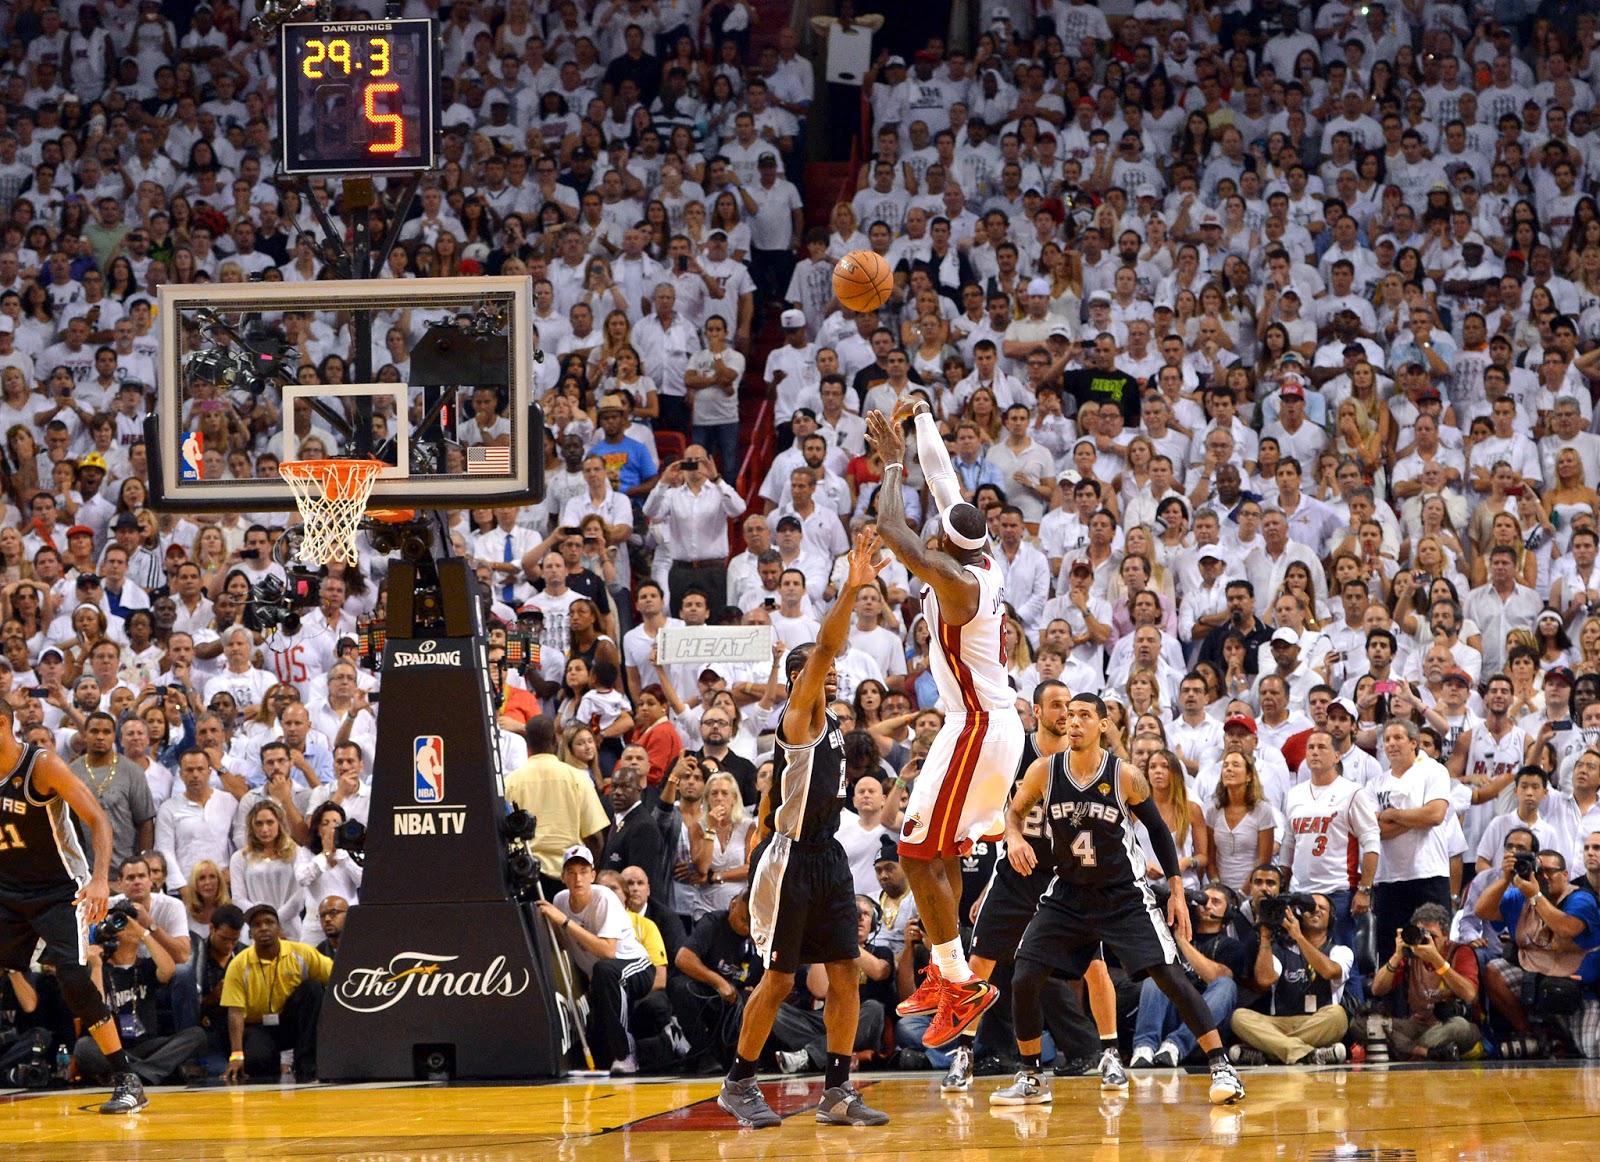 盤點近20年總冠軍賽的四次復仇:熱火兩度上榜,黃綠大戰排第二!-Haters-黑特籃球NBA新聞影音圖片分享社區